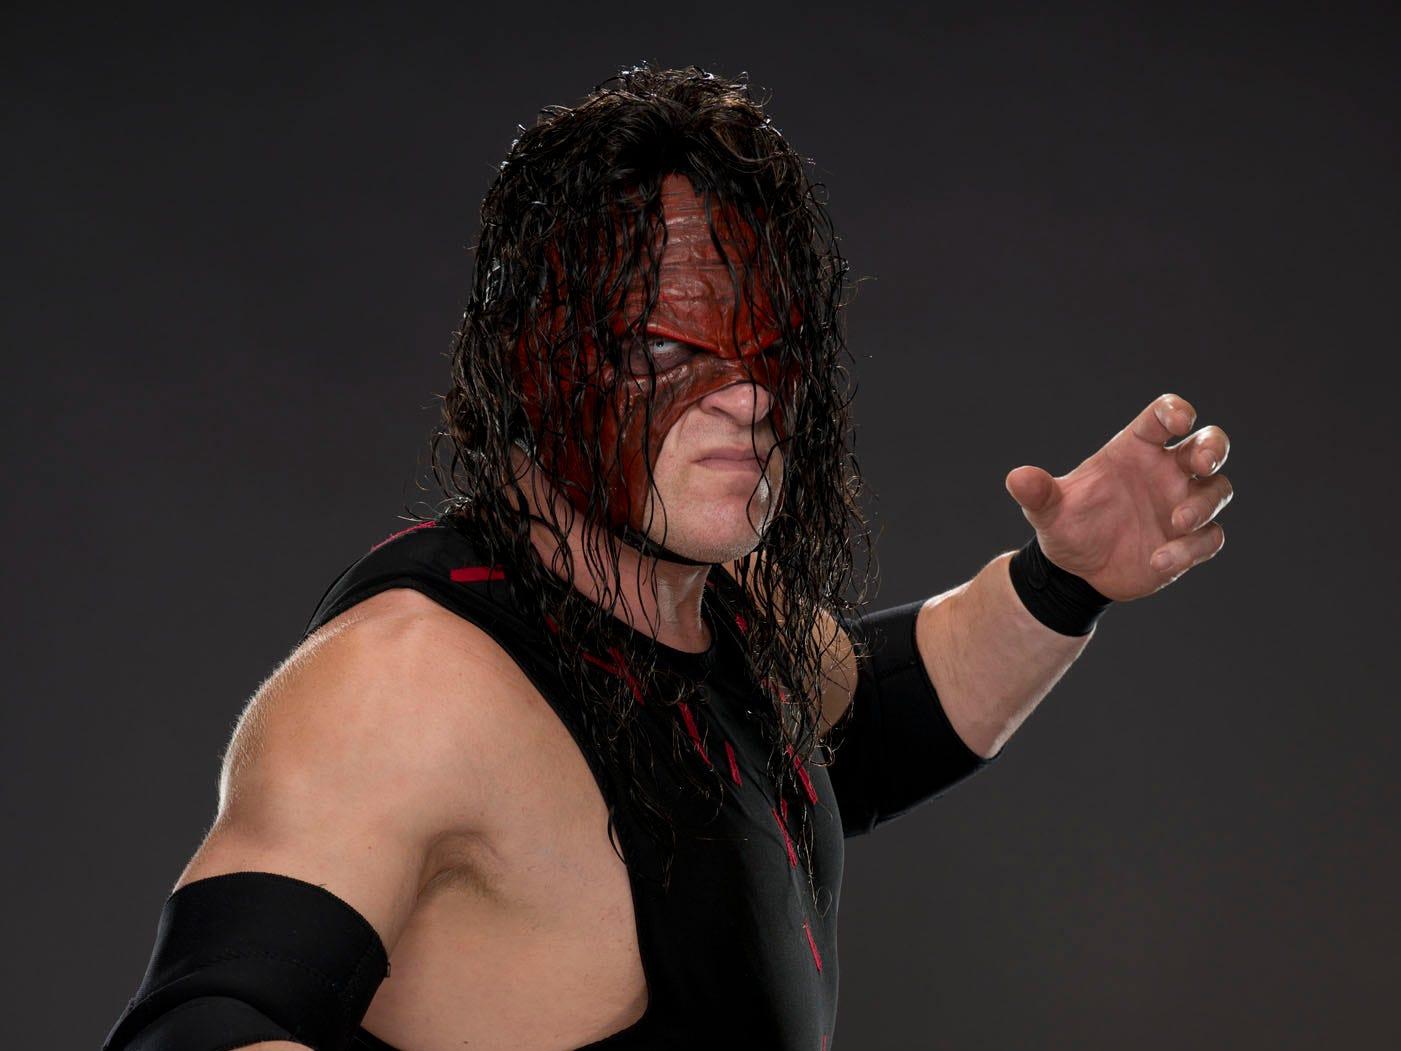 WWE wrestler Kane